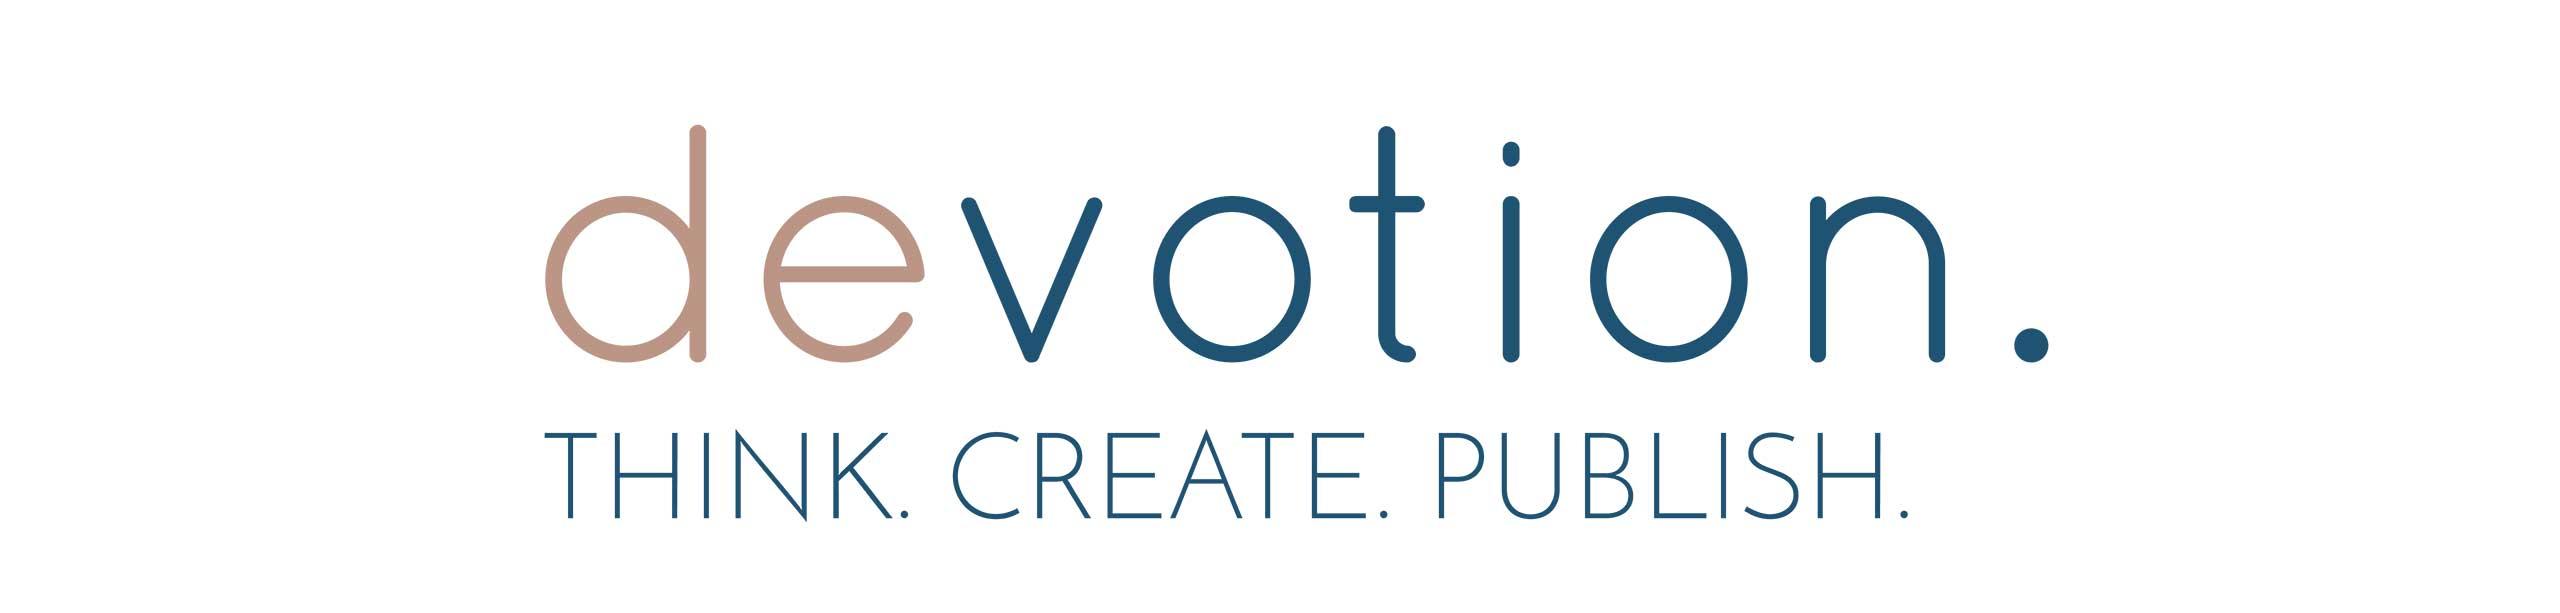 devotion_logo